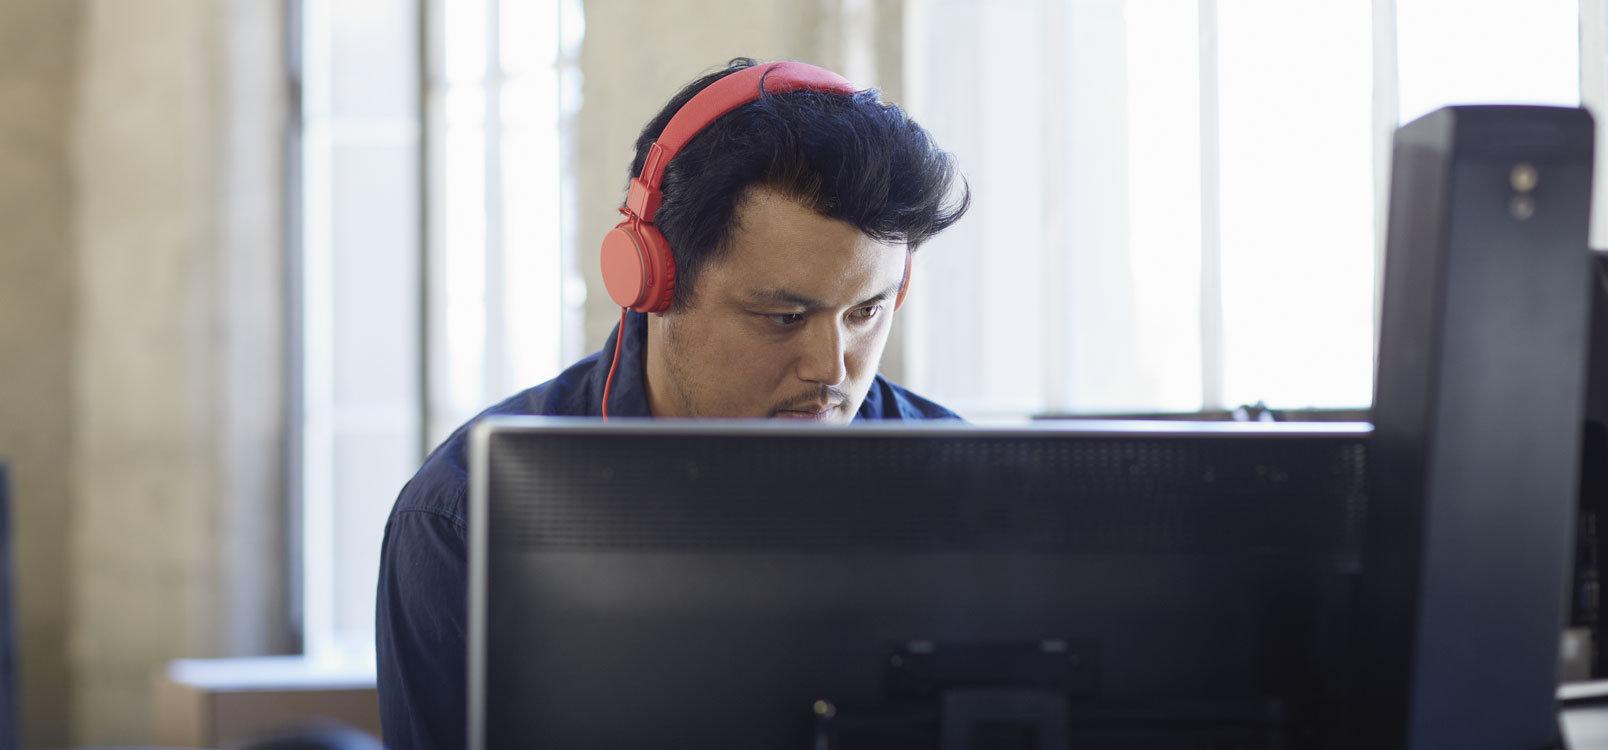 شخص يرتدي سماعات رأس ويعمل على كمبيوتر سطح مكتب مستخدماً Office 365 لتبسيط تكنولوجيا المعلومات.